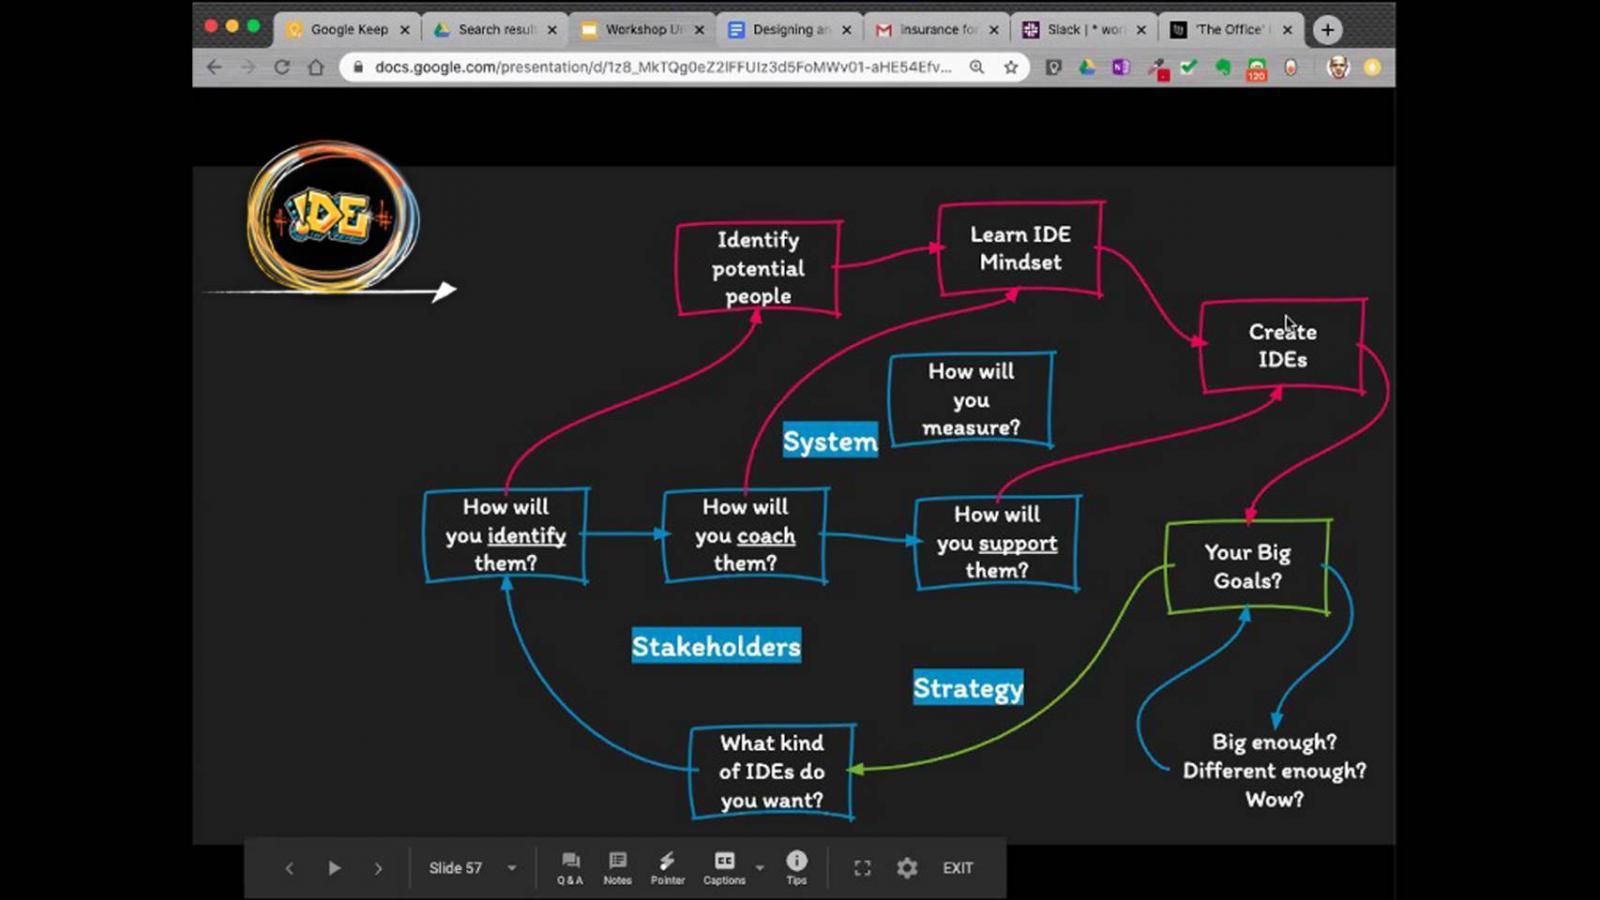 ม.หอการค้าไทย จัดเวิร์คช็อปออนไลน์ สร้างเครือข่ายผู้ประกอบการขับเคลื่อนนวัตกรรมชุมชน